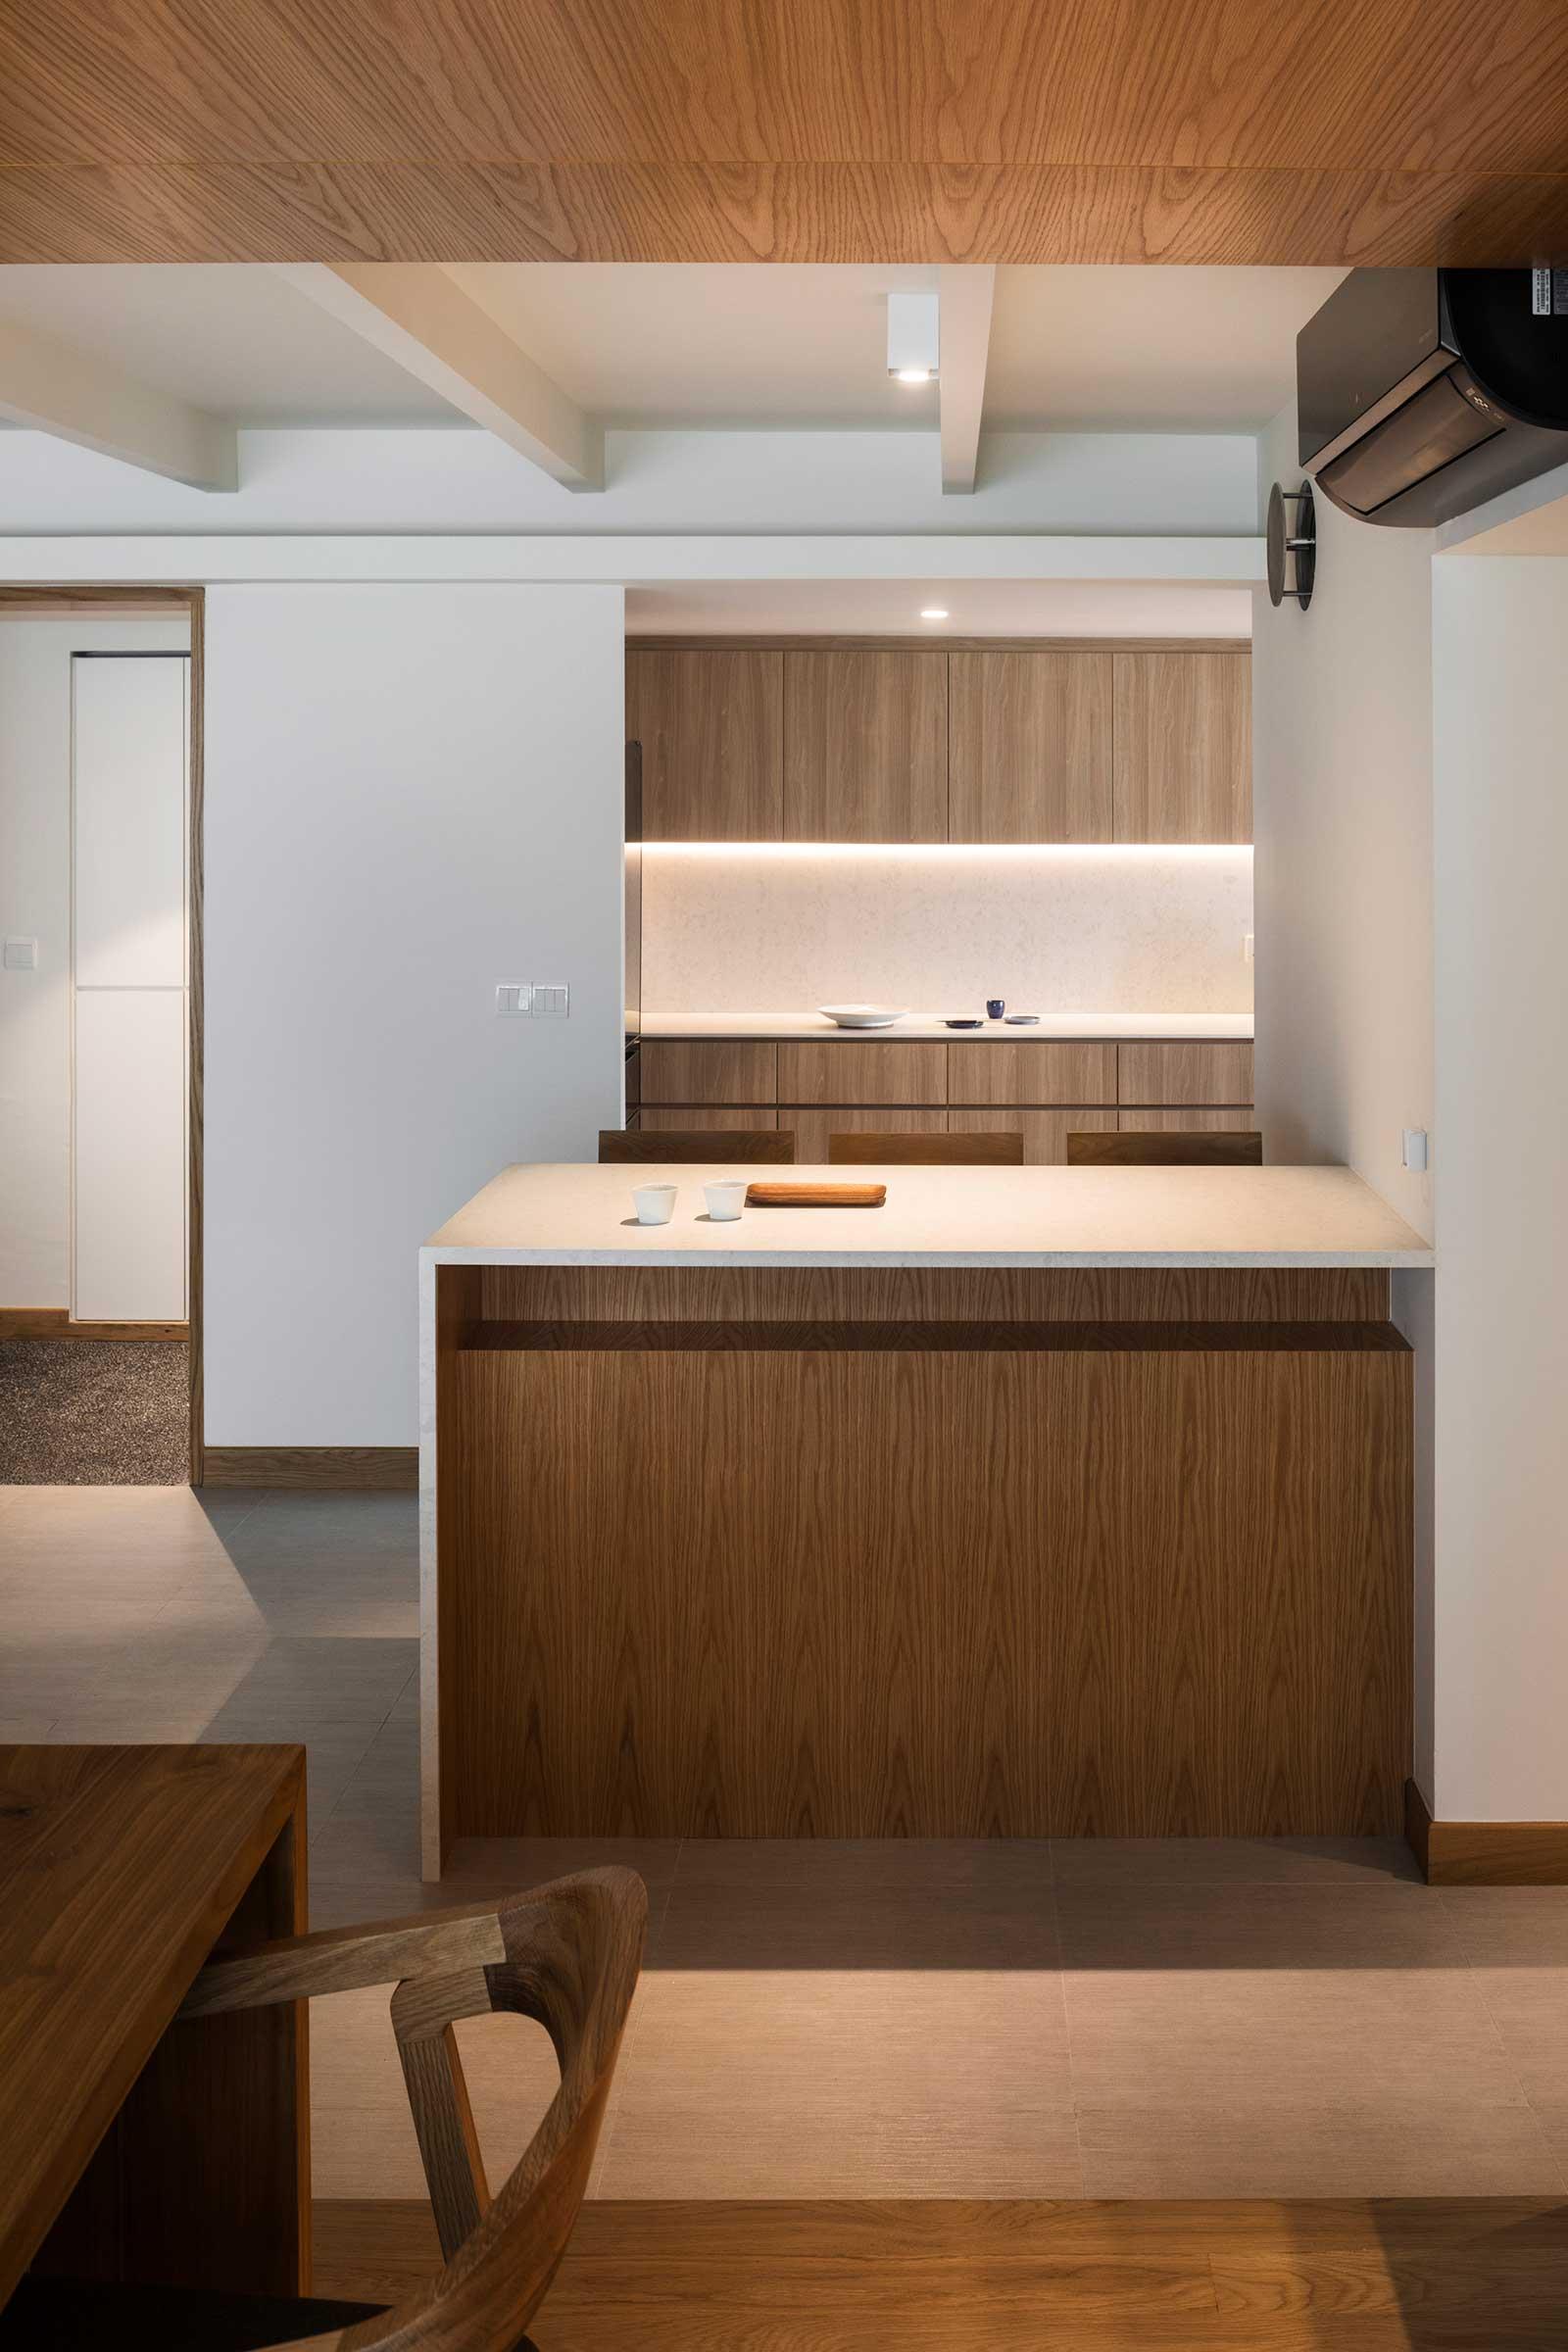 Bukit-Batok-West-Ave-6_Goy-Architects_52.jpg